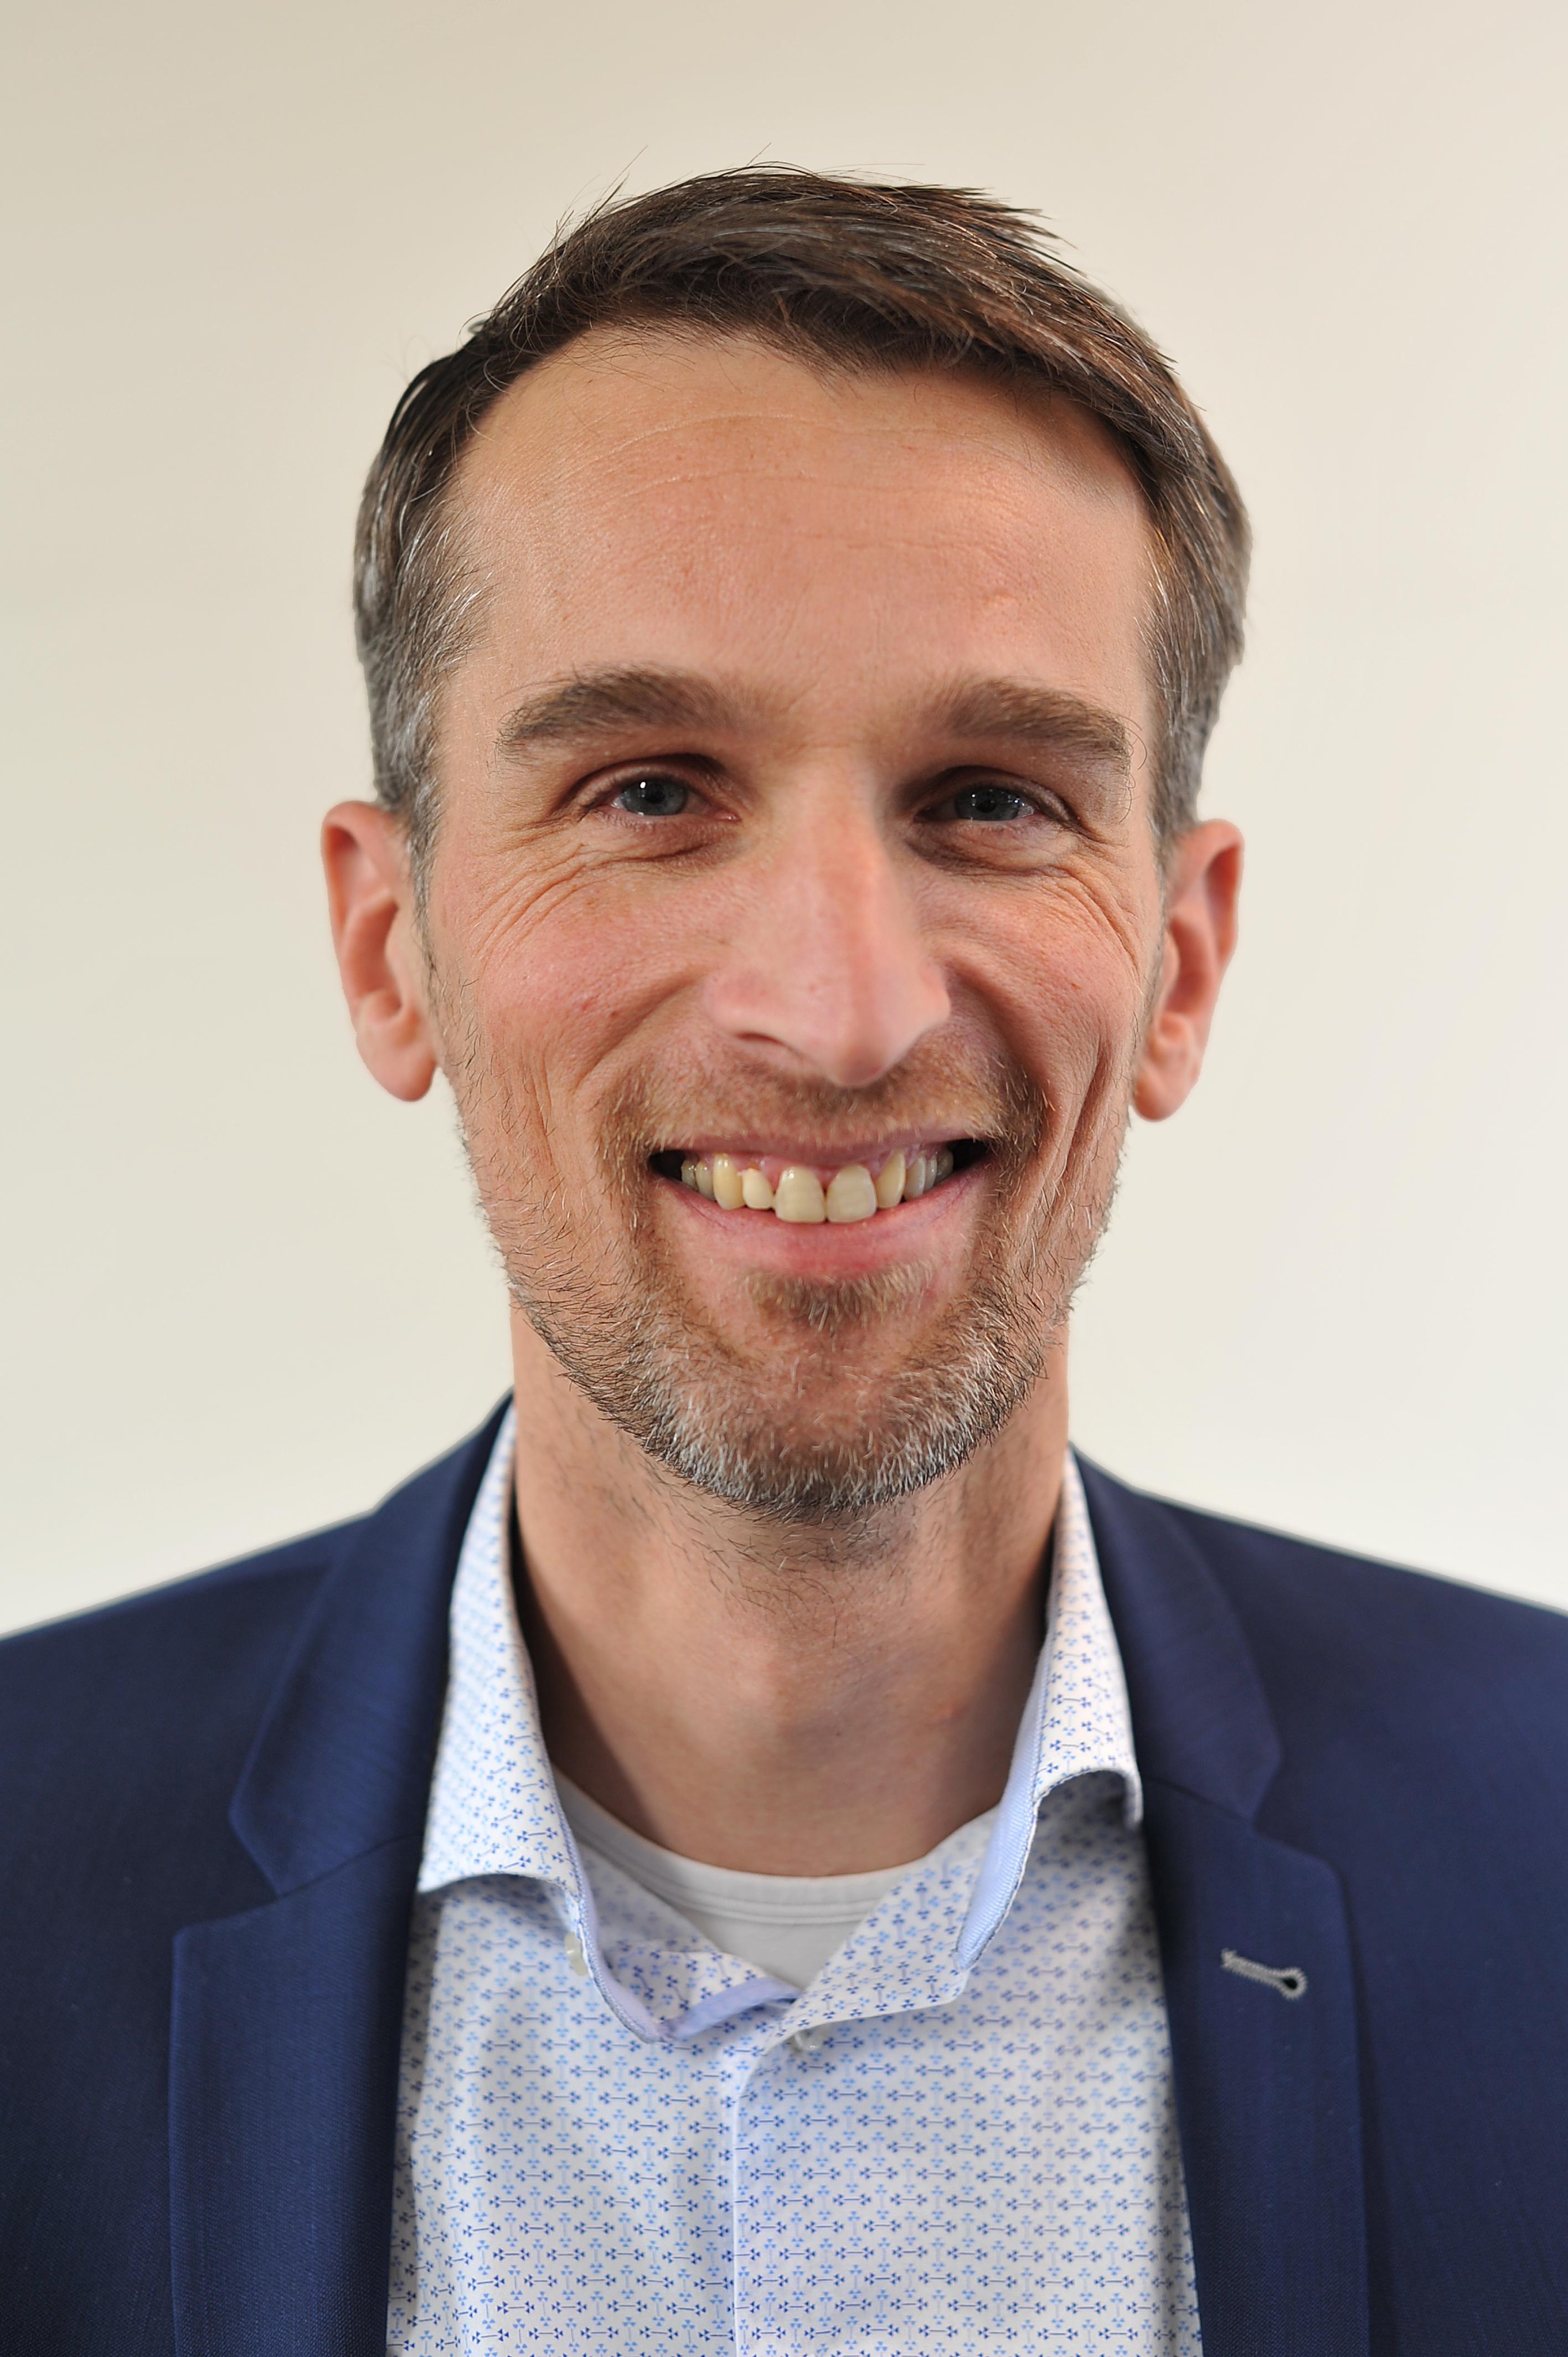 Bartold van der Waal